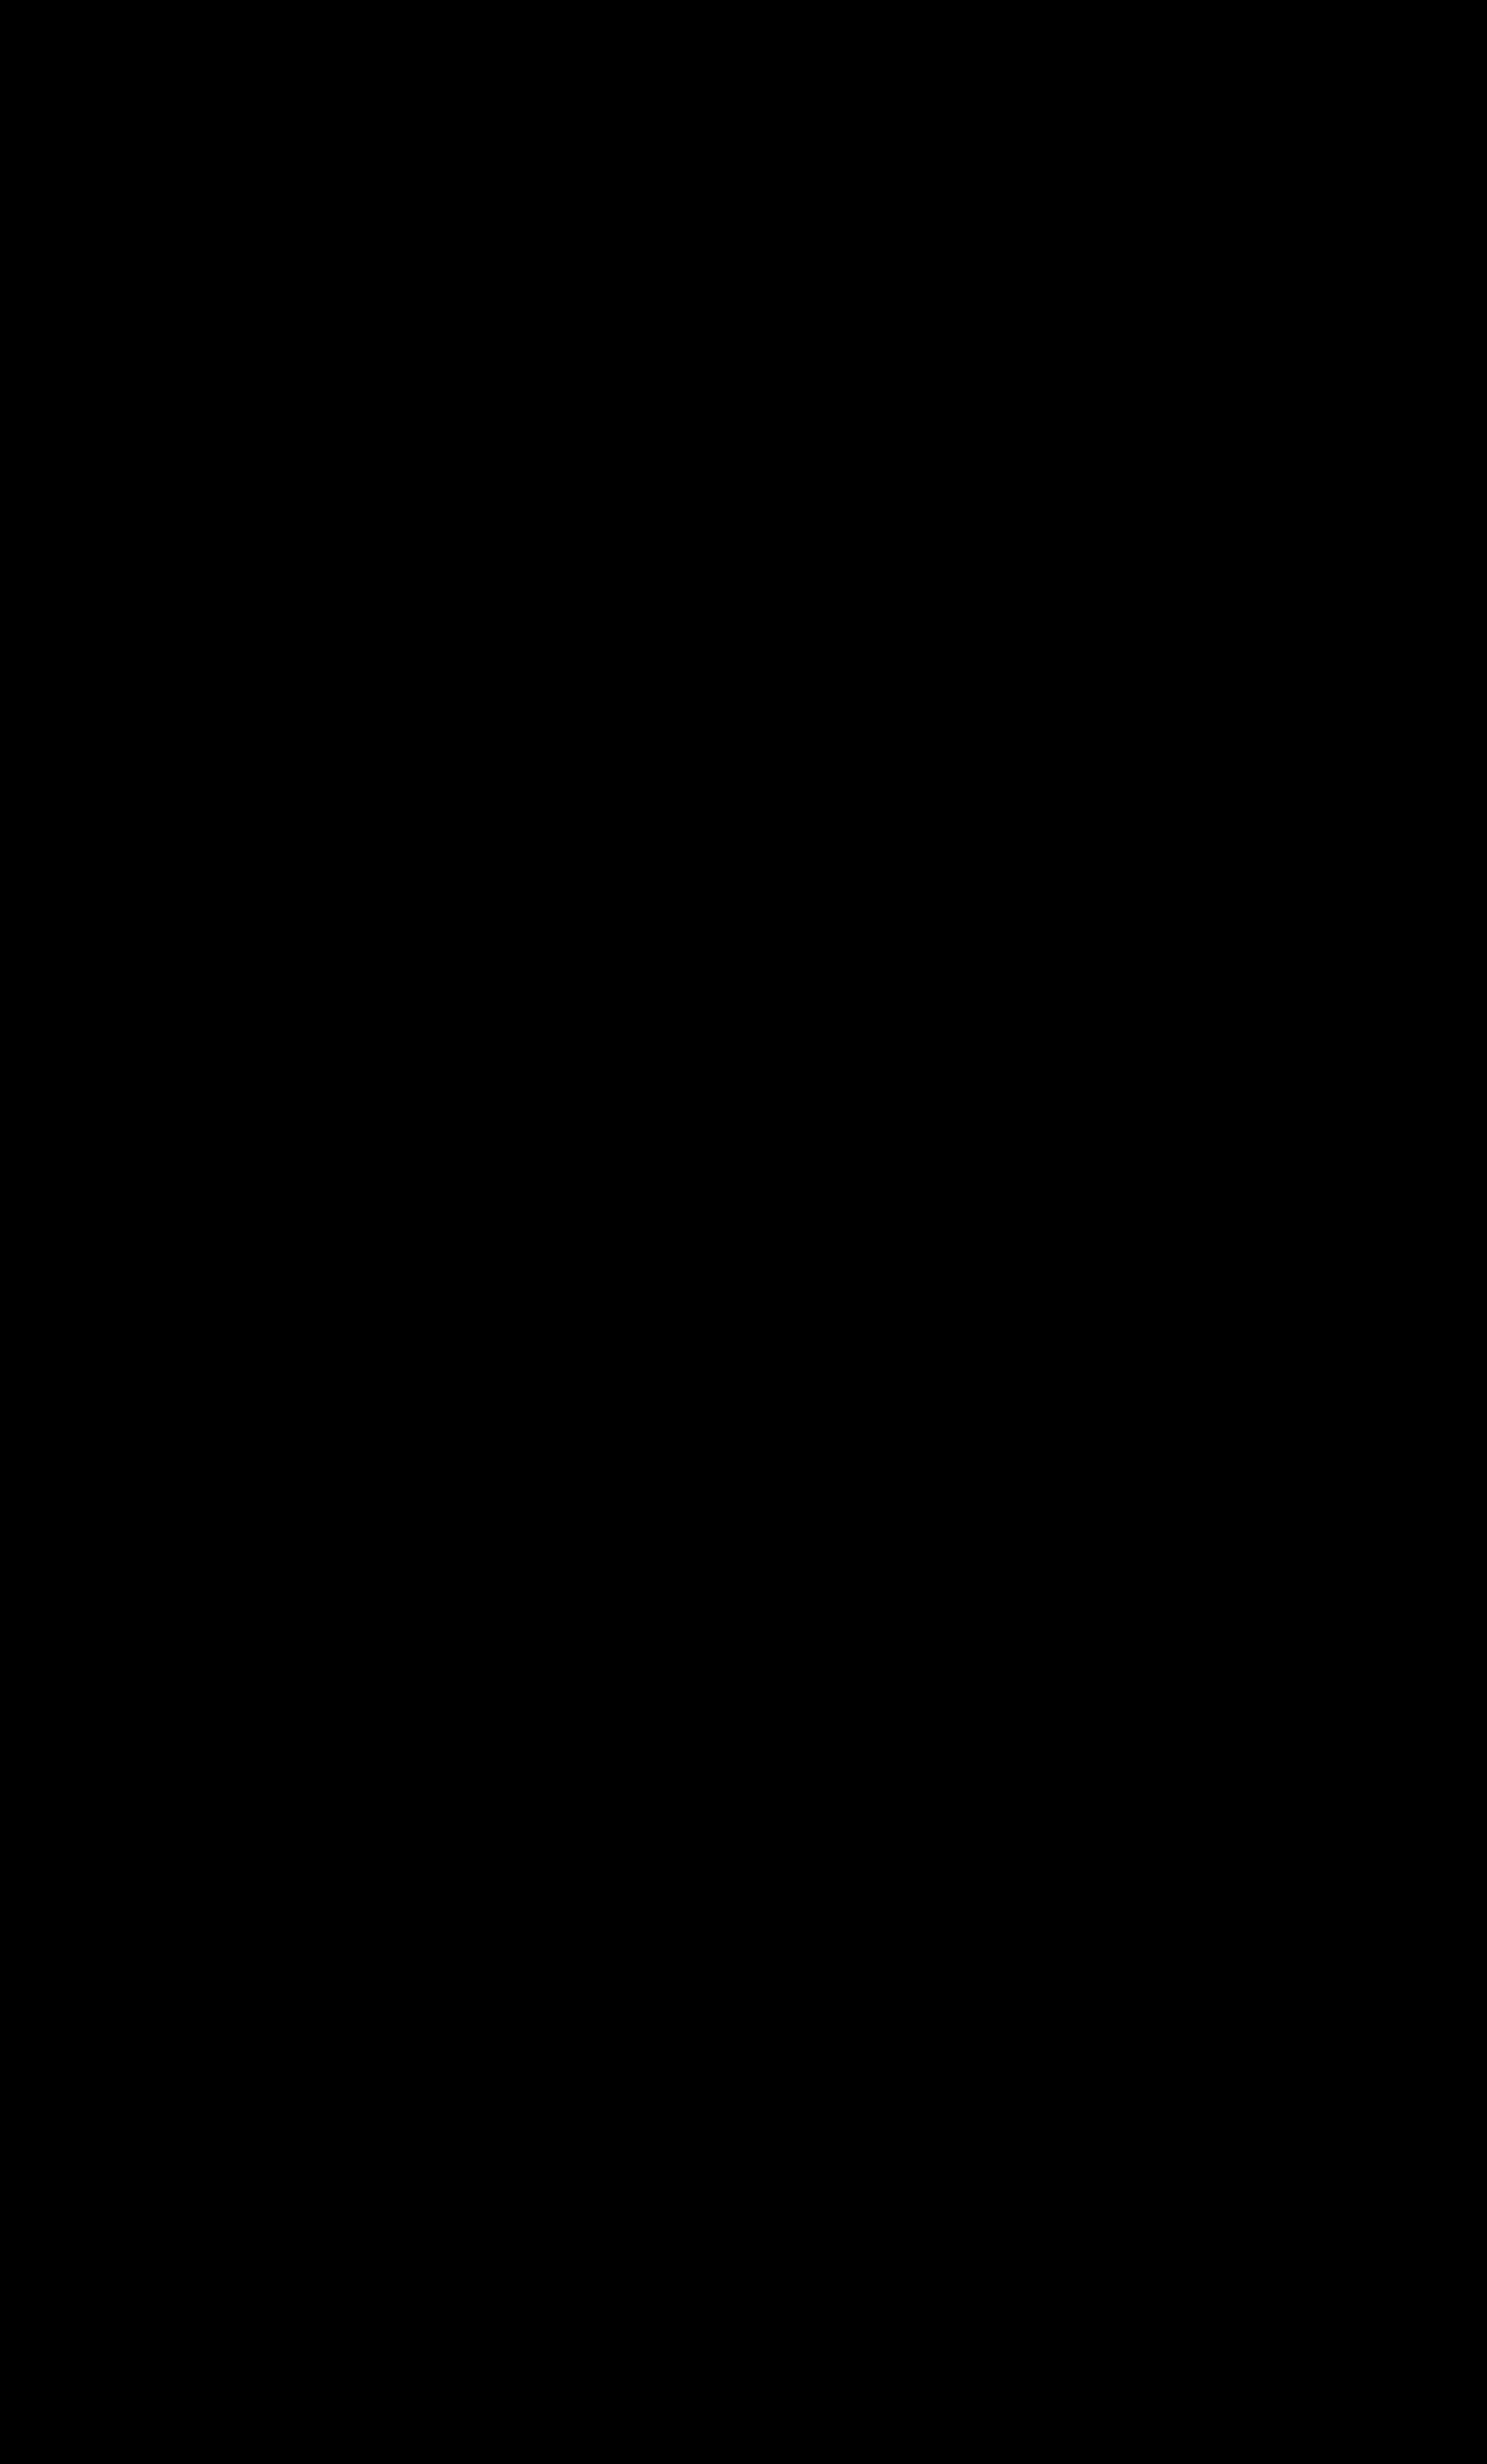 Rudolph Care Acai Anti-stress Facial Cream, 50 ml